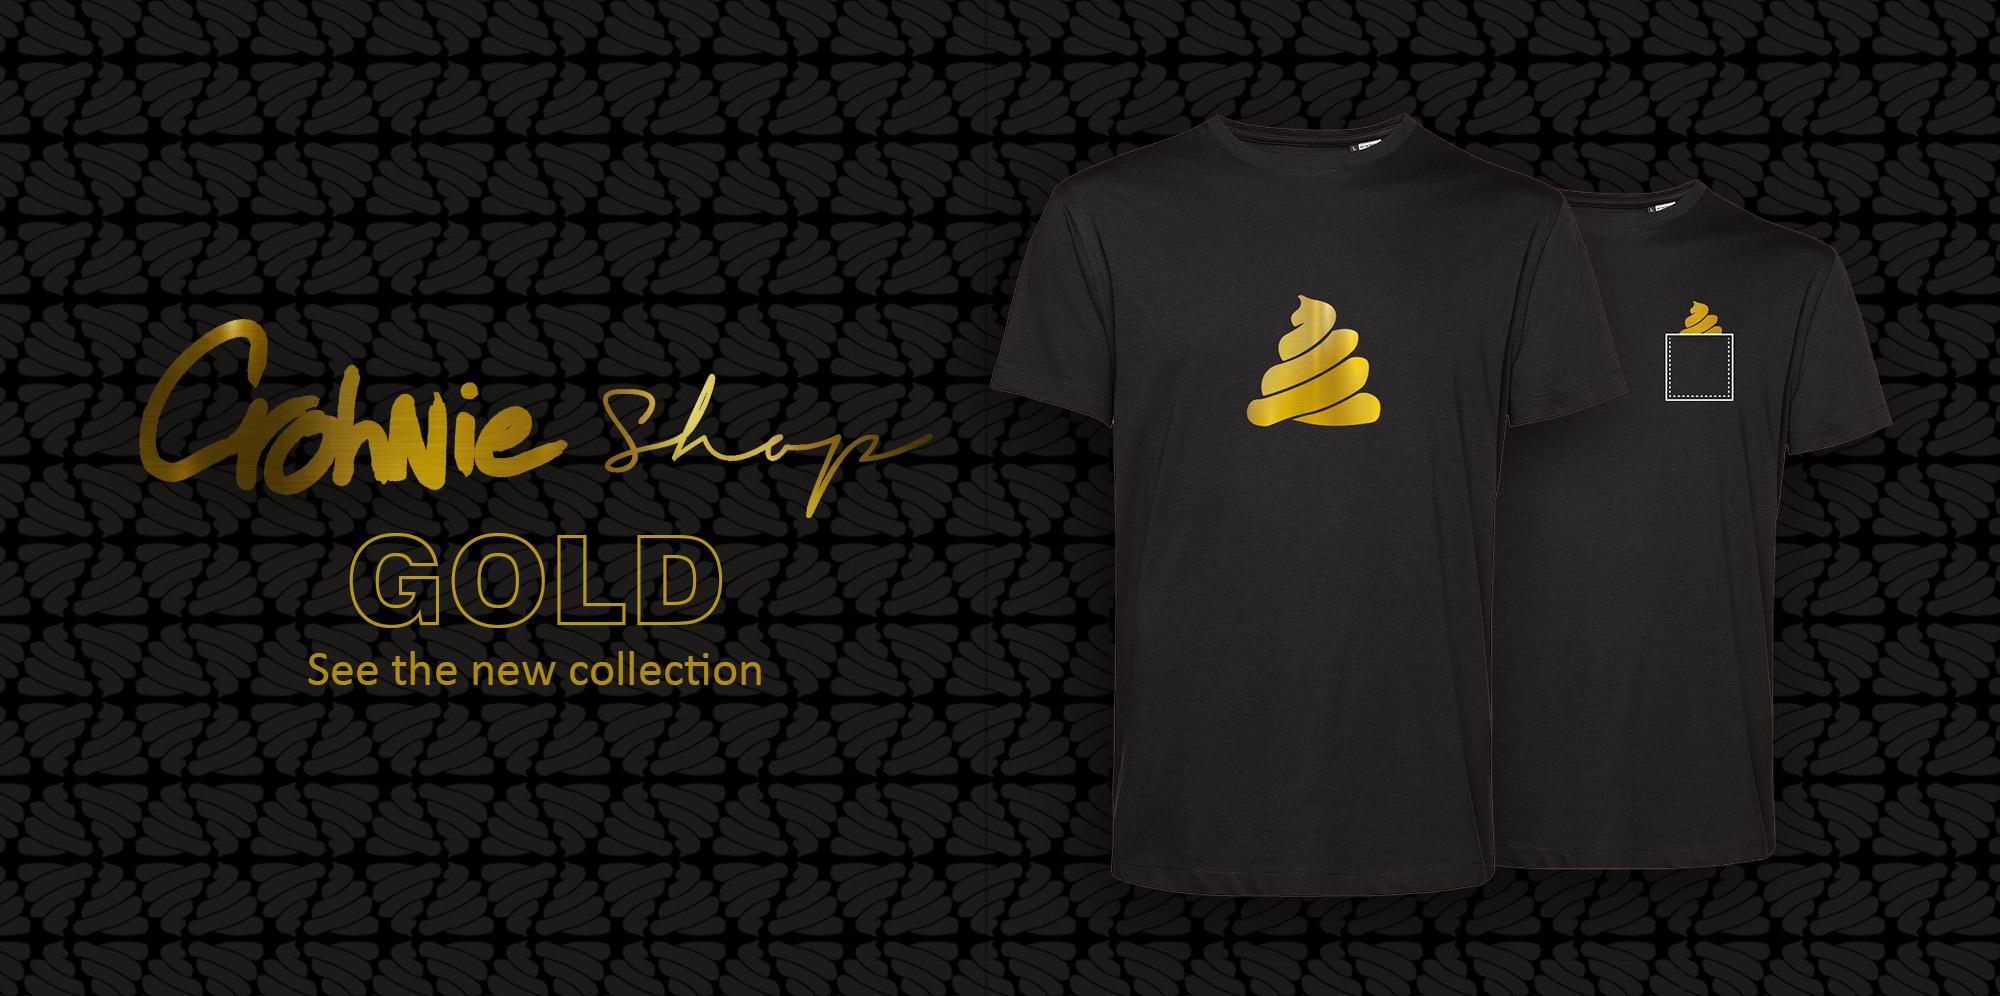 Banner_Gouden poep_Crohnie shop